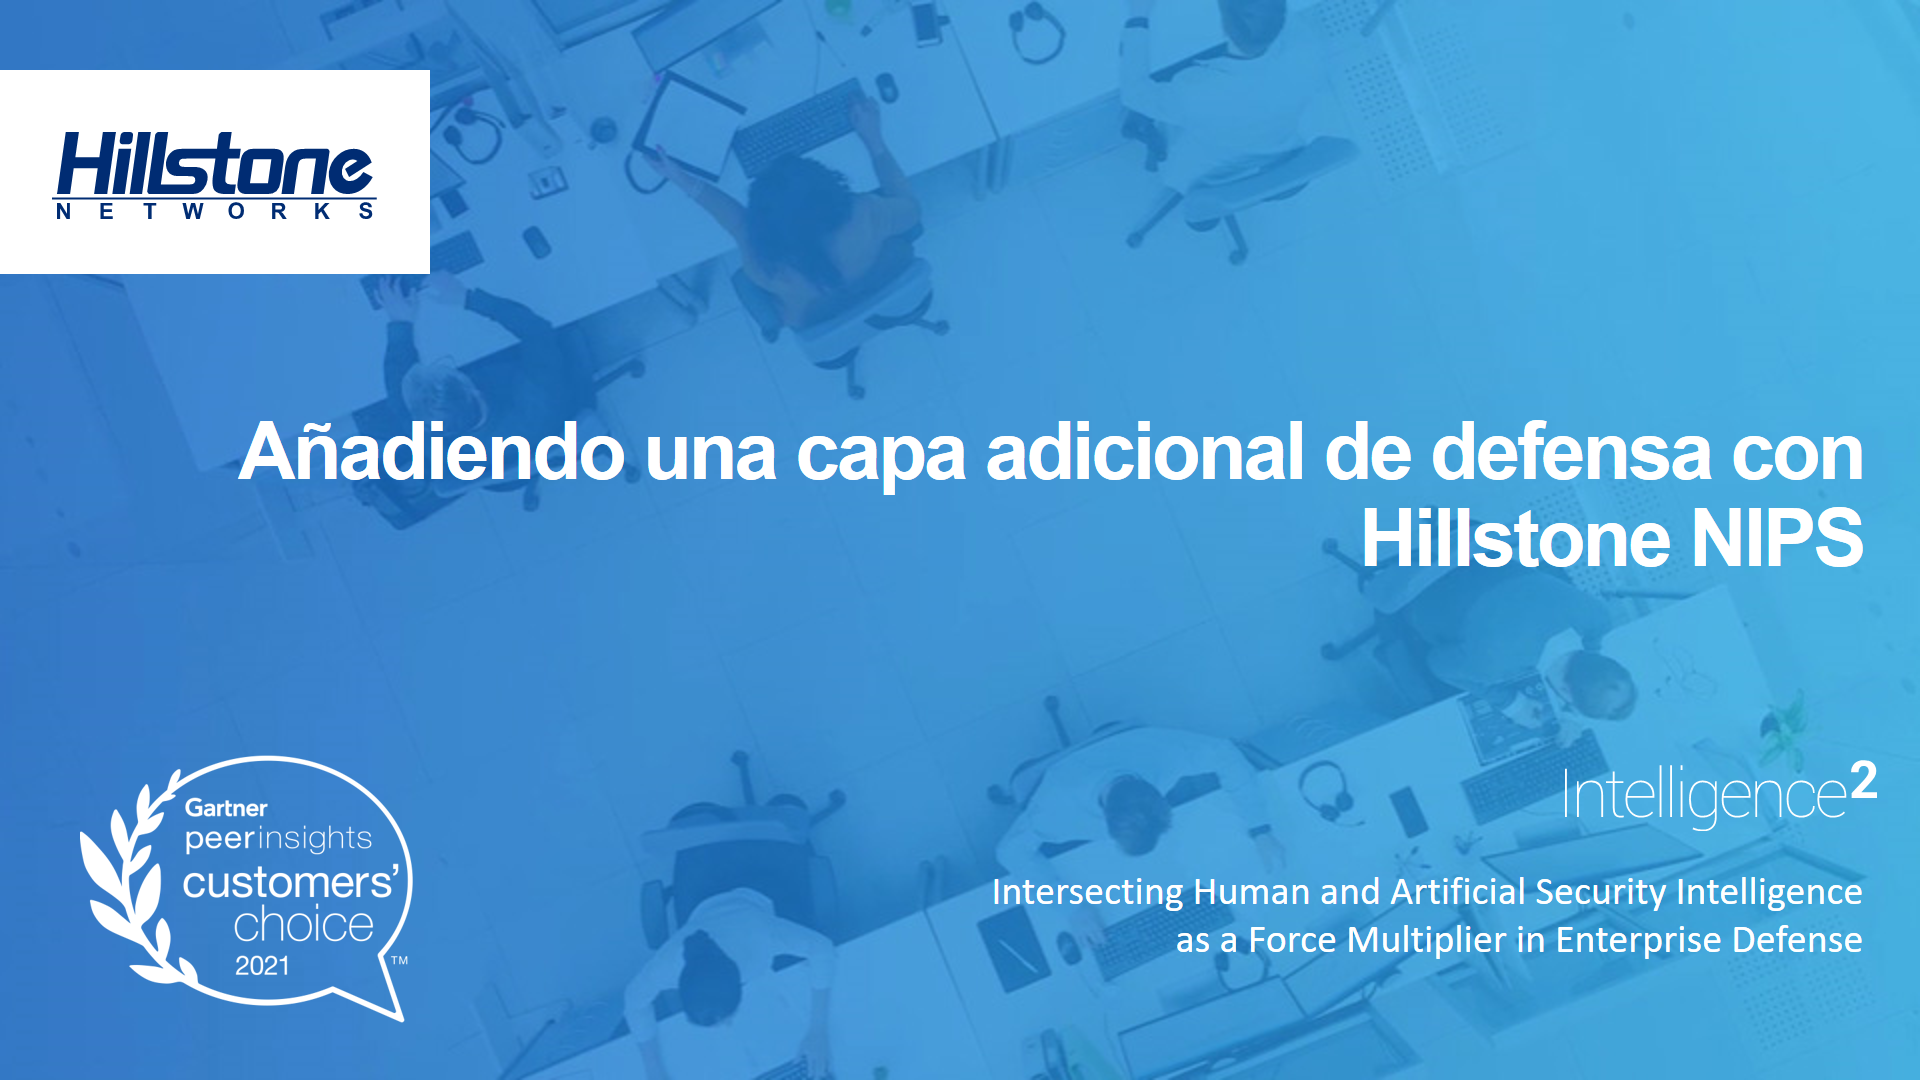 Watch Añadiendo una capa adicional de defensa con Hillstone NIPS